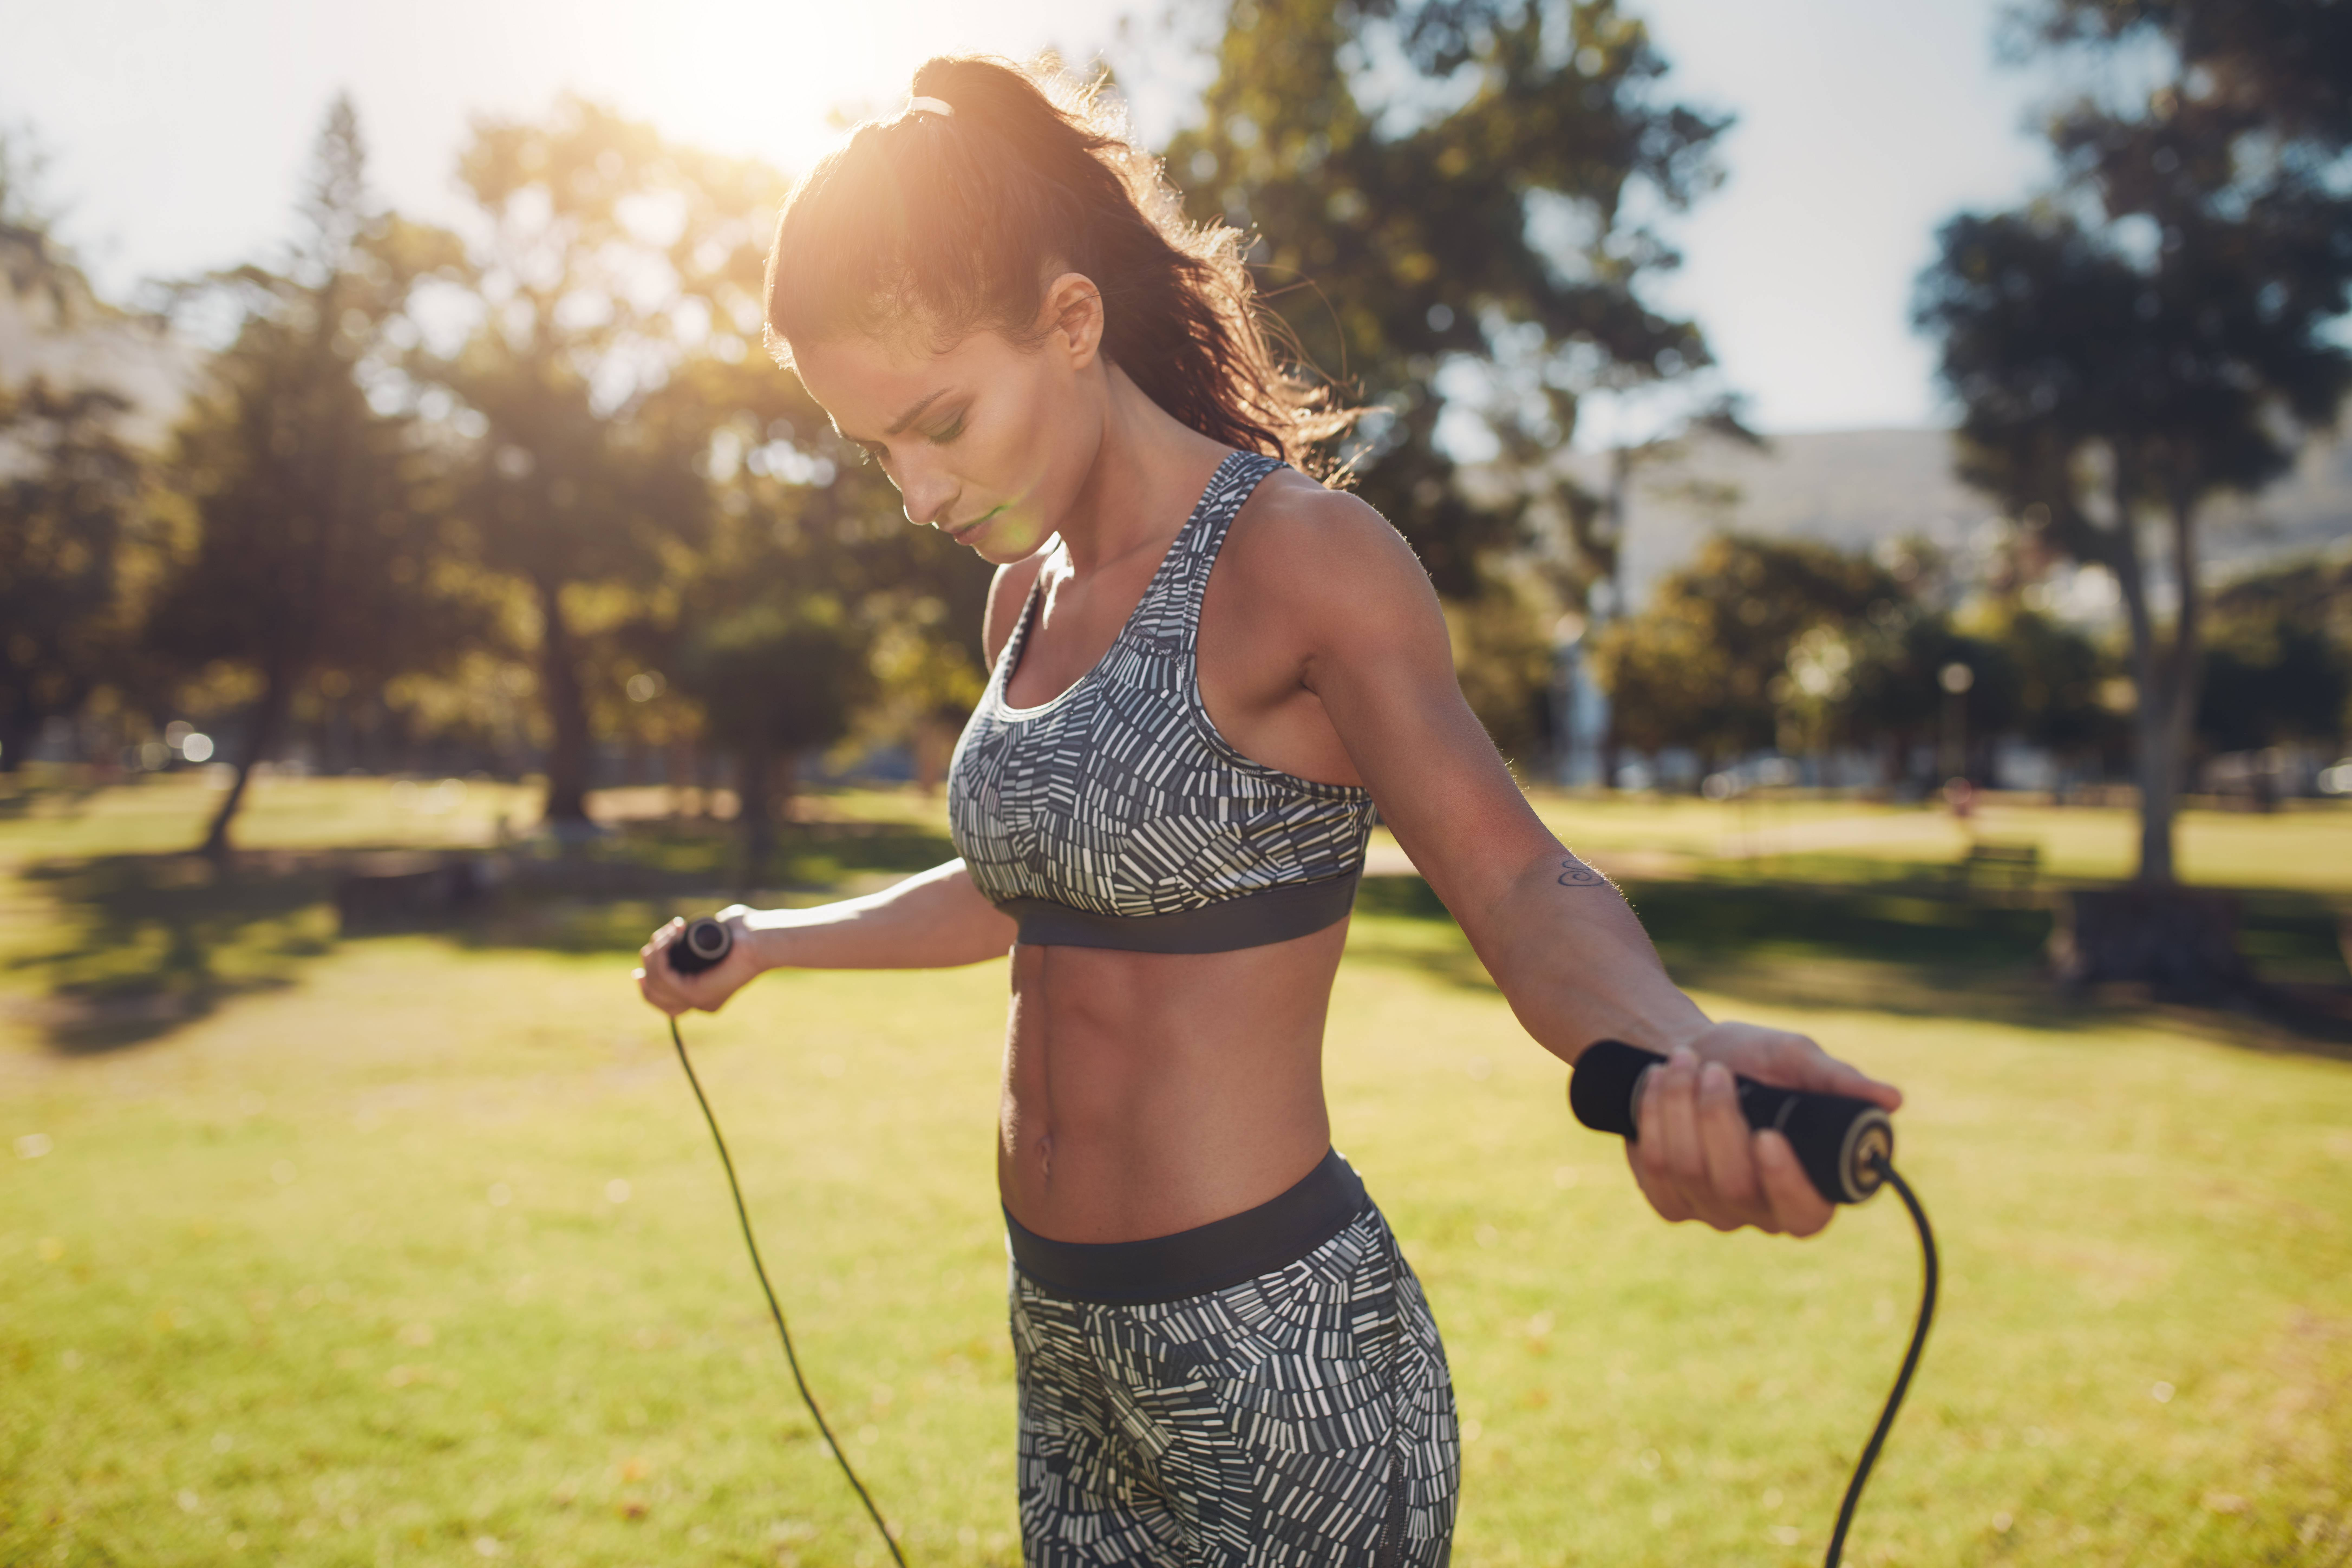 Кардио —что это? виды кардио тренировок — сколько калорий сжигается?